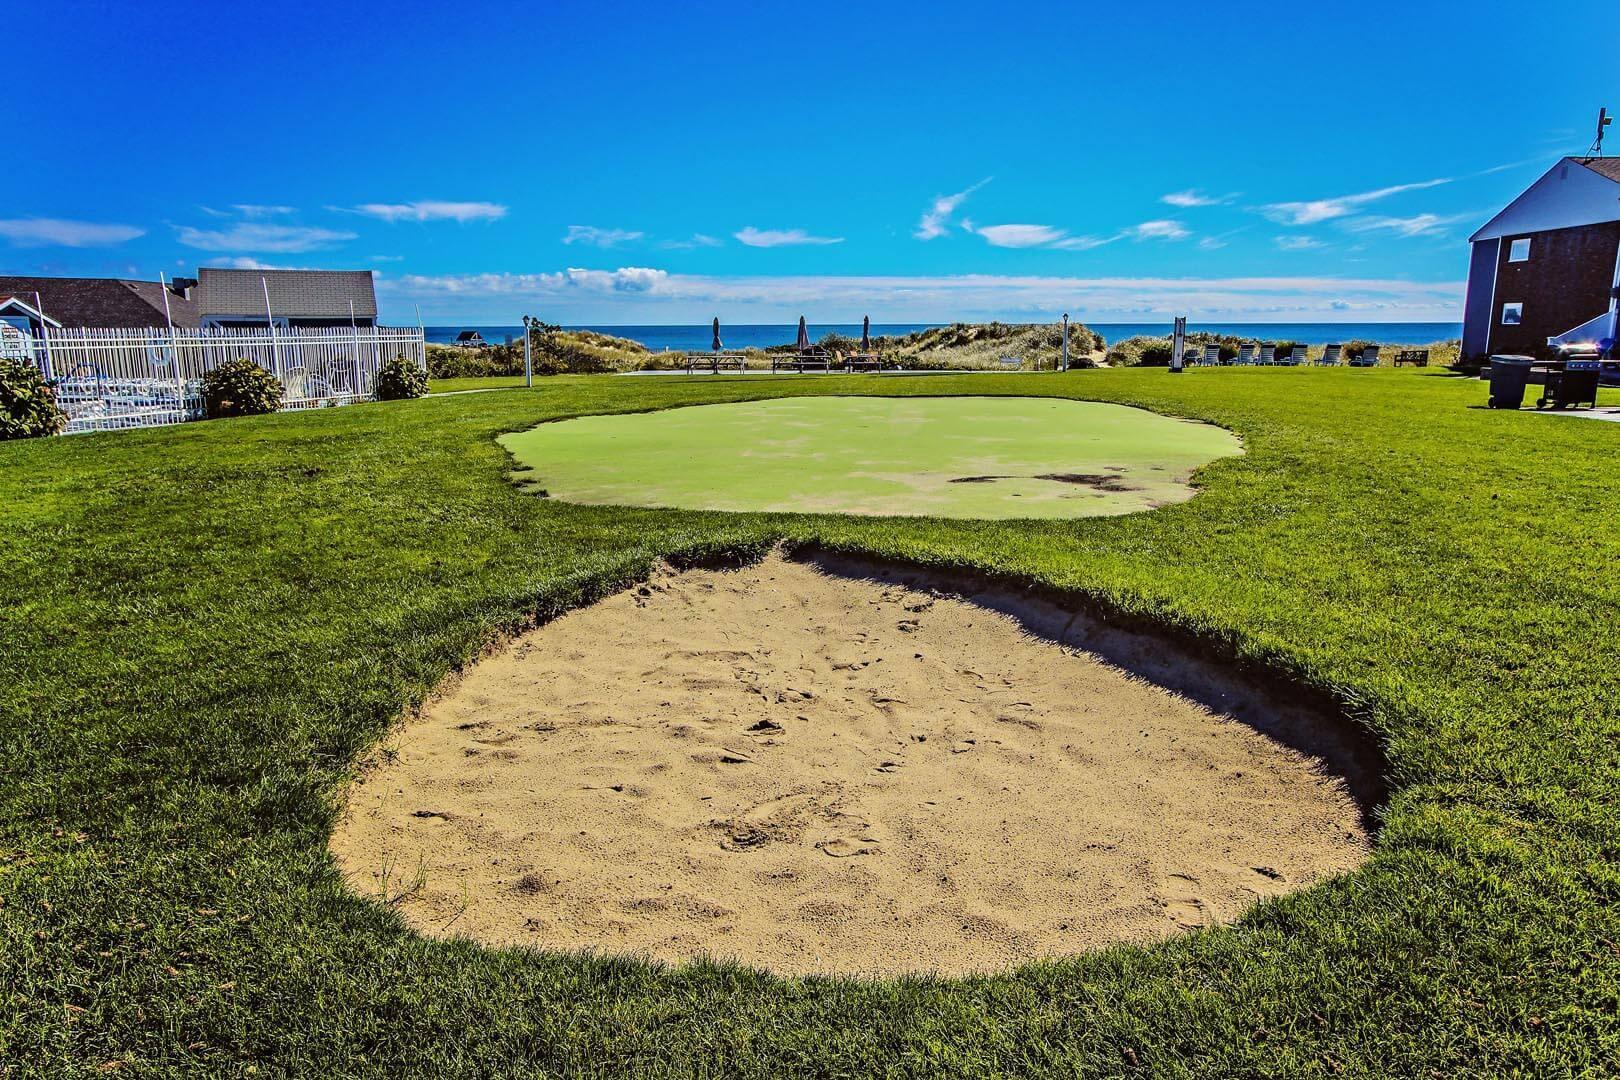 Edgewater Beach Resort Putting Green